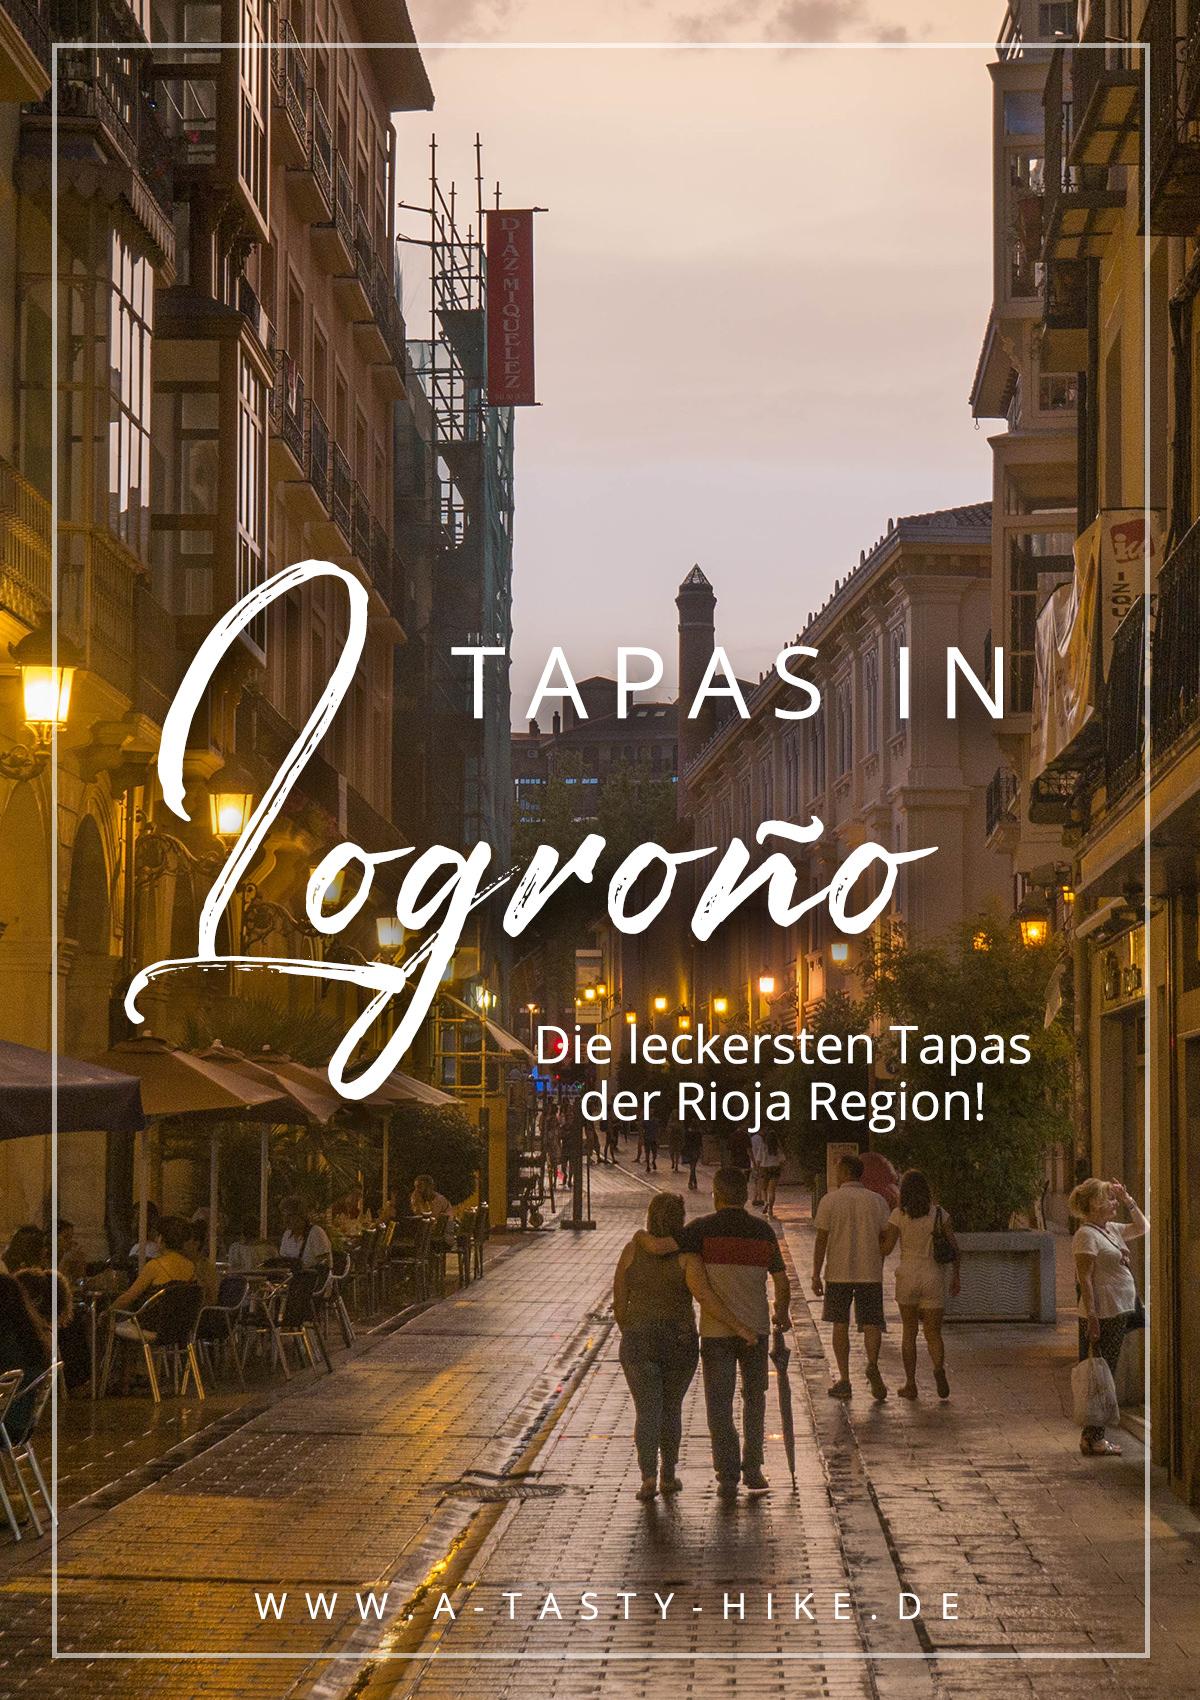 Die beiden beliebtesten Straßen zum Tapas bzw. Pintxos essen in Logroño in Spanien sind die Calle Laurel und die Calle San Juan. Wir haben eine Einheimische nach ihren Tipps für die besten Tapas der Rioja Region in Logroño gefragt und alle für euch getestet. Eine Übersicht findet ihr in diesem Artikel! #Logroño #Spanien #Rioja #Tapas #Pintxos